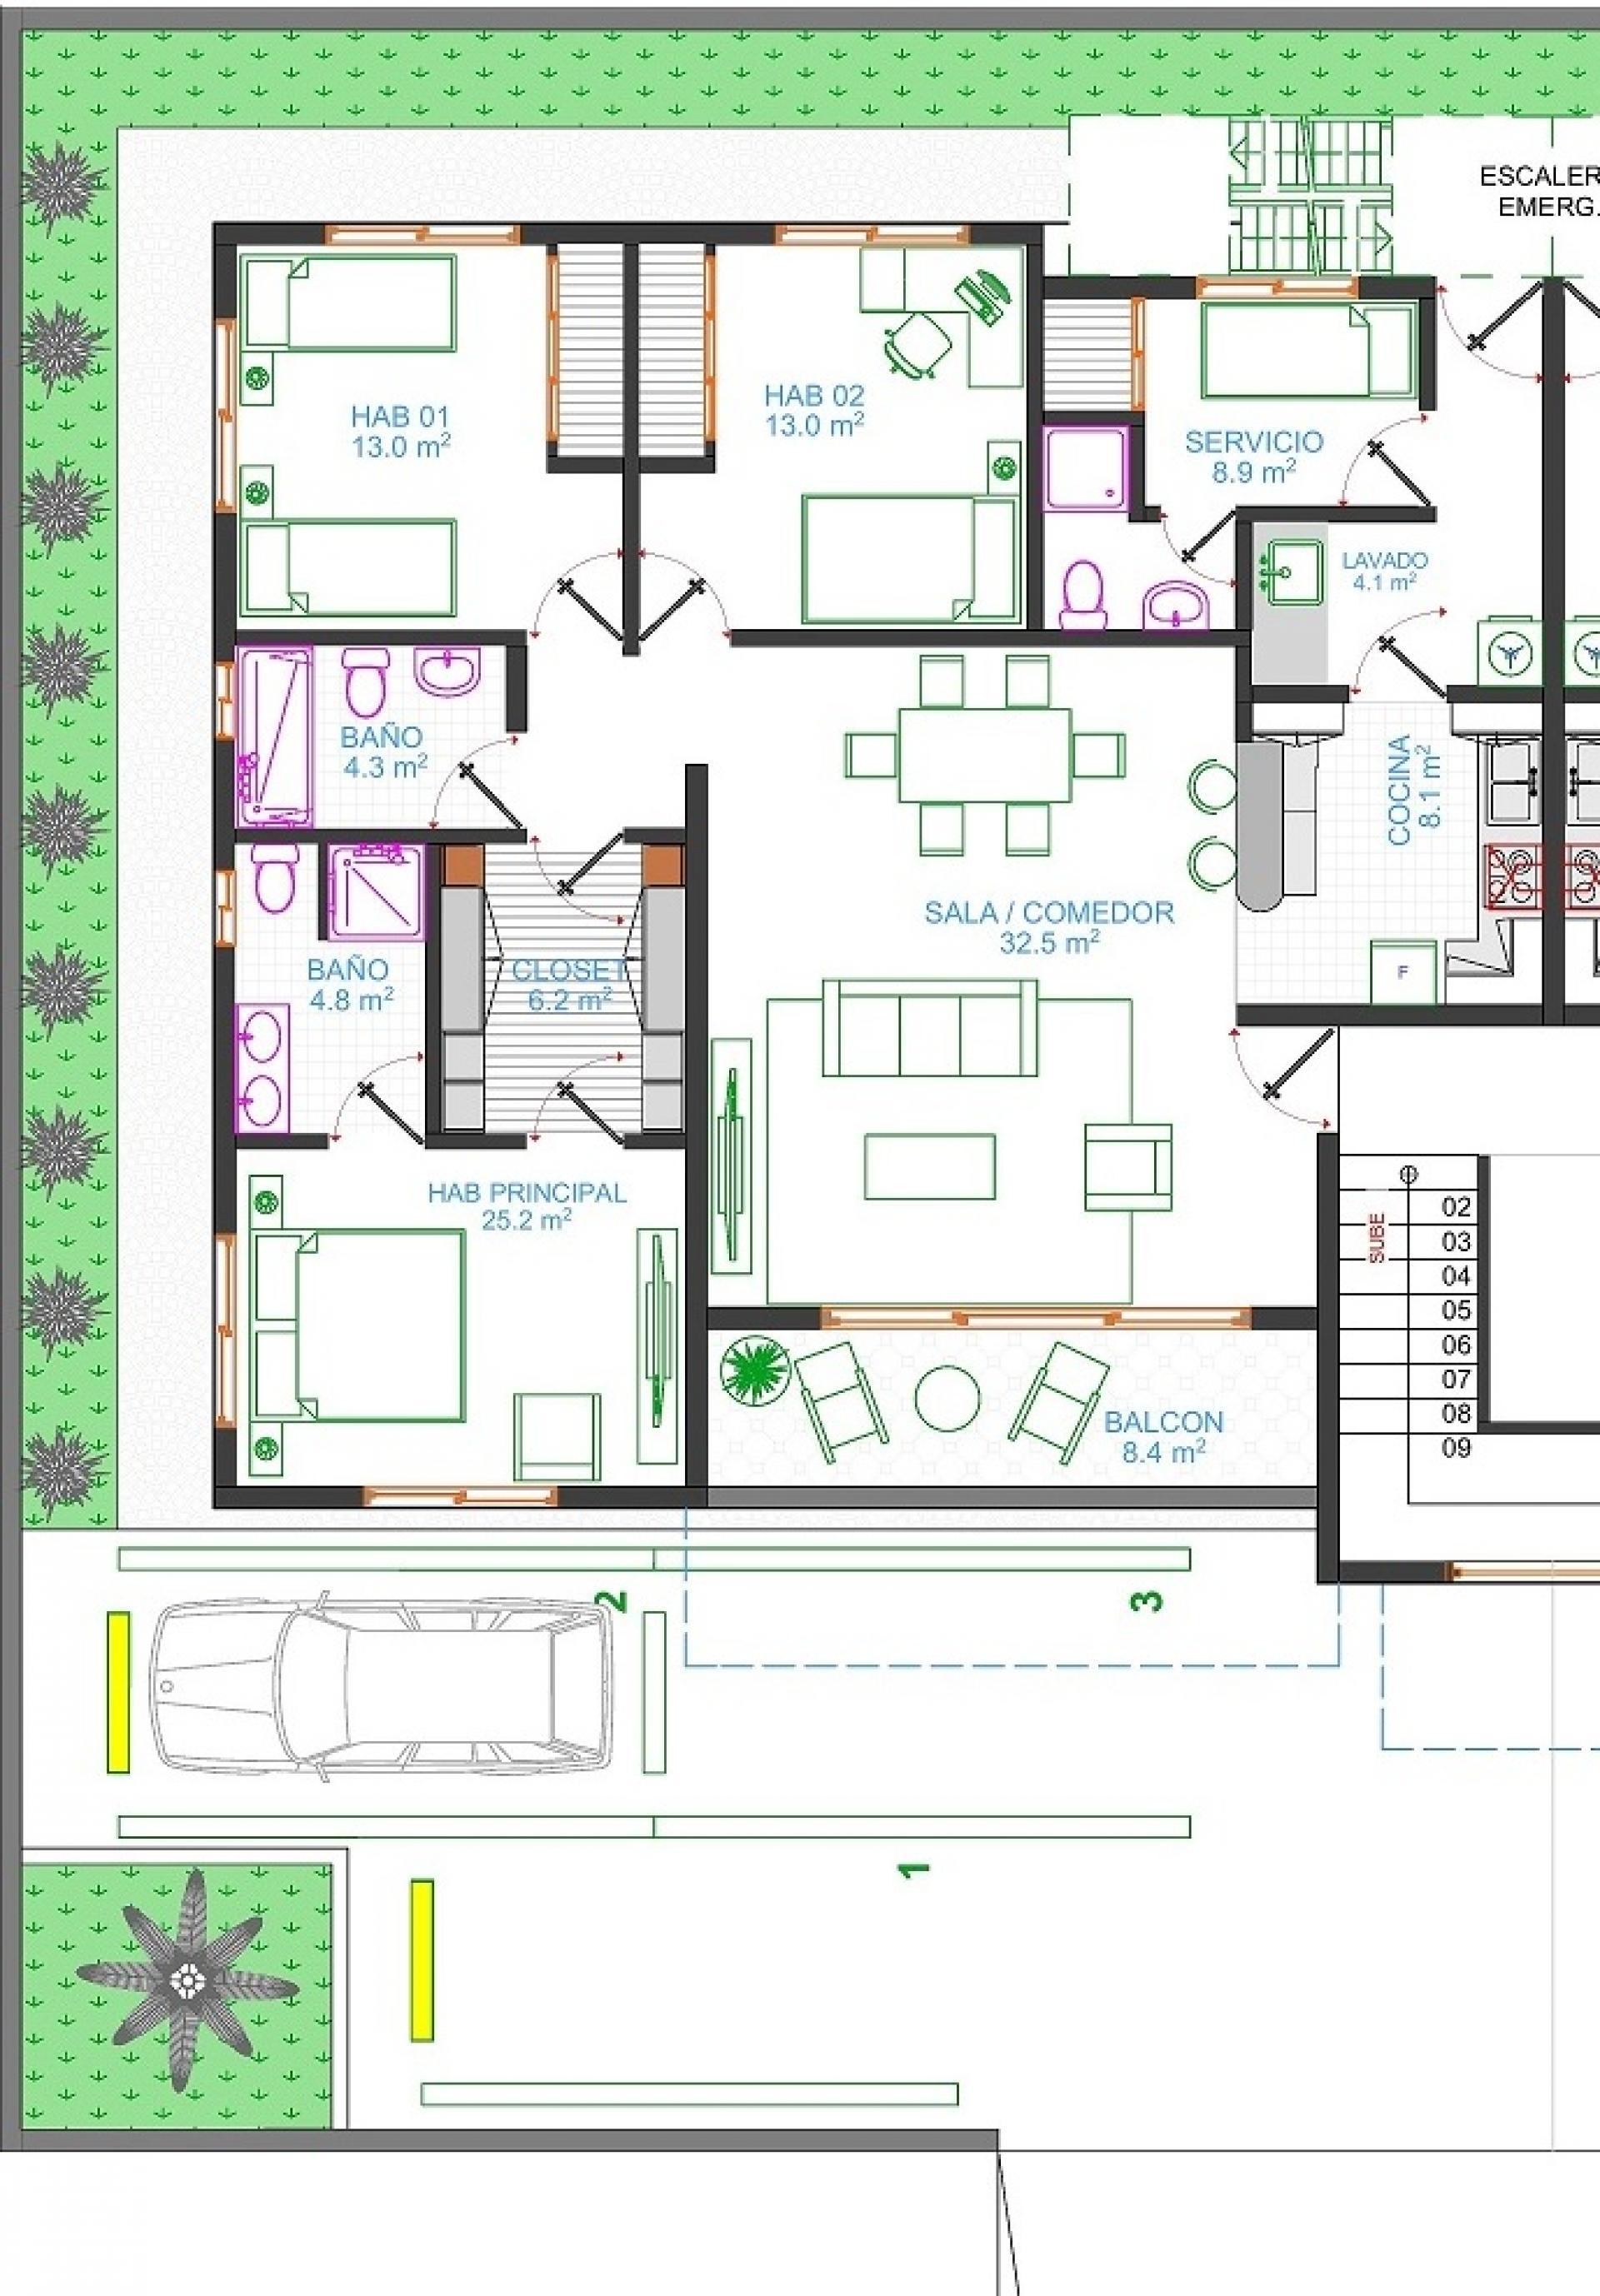 Apartamento Amplio y Con Patio En Venta, Urb. Brisa Oriental